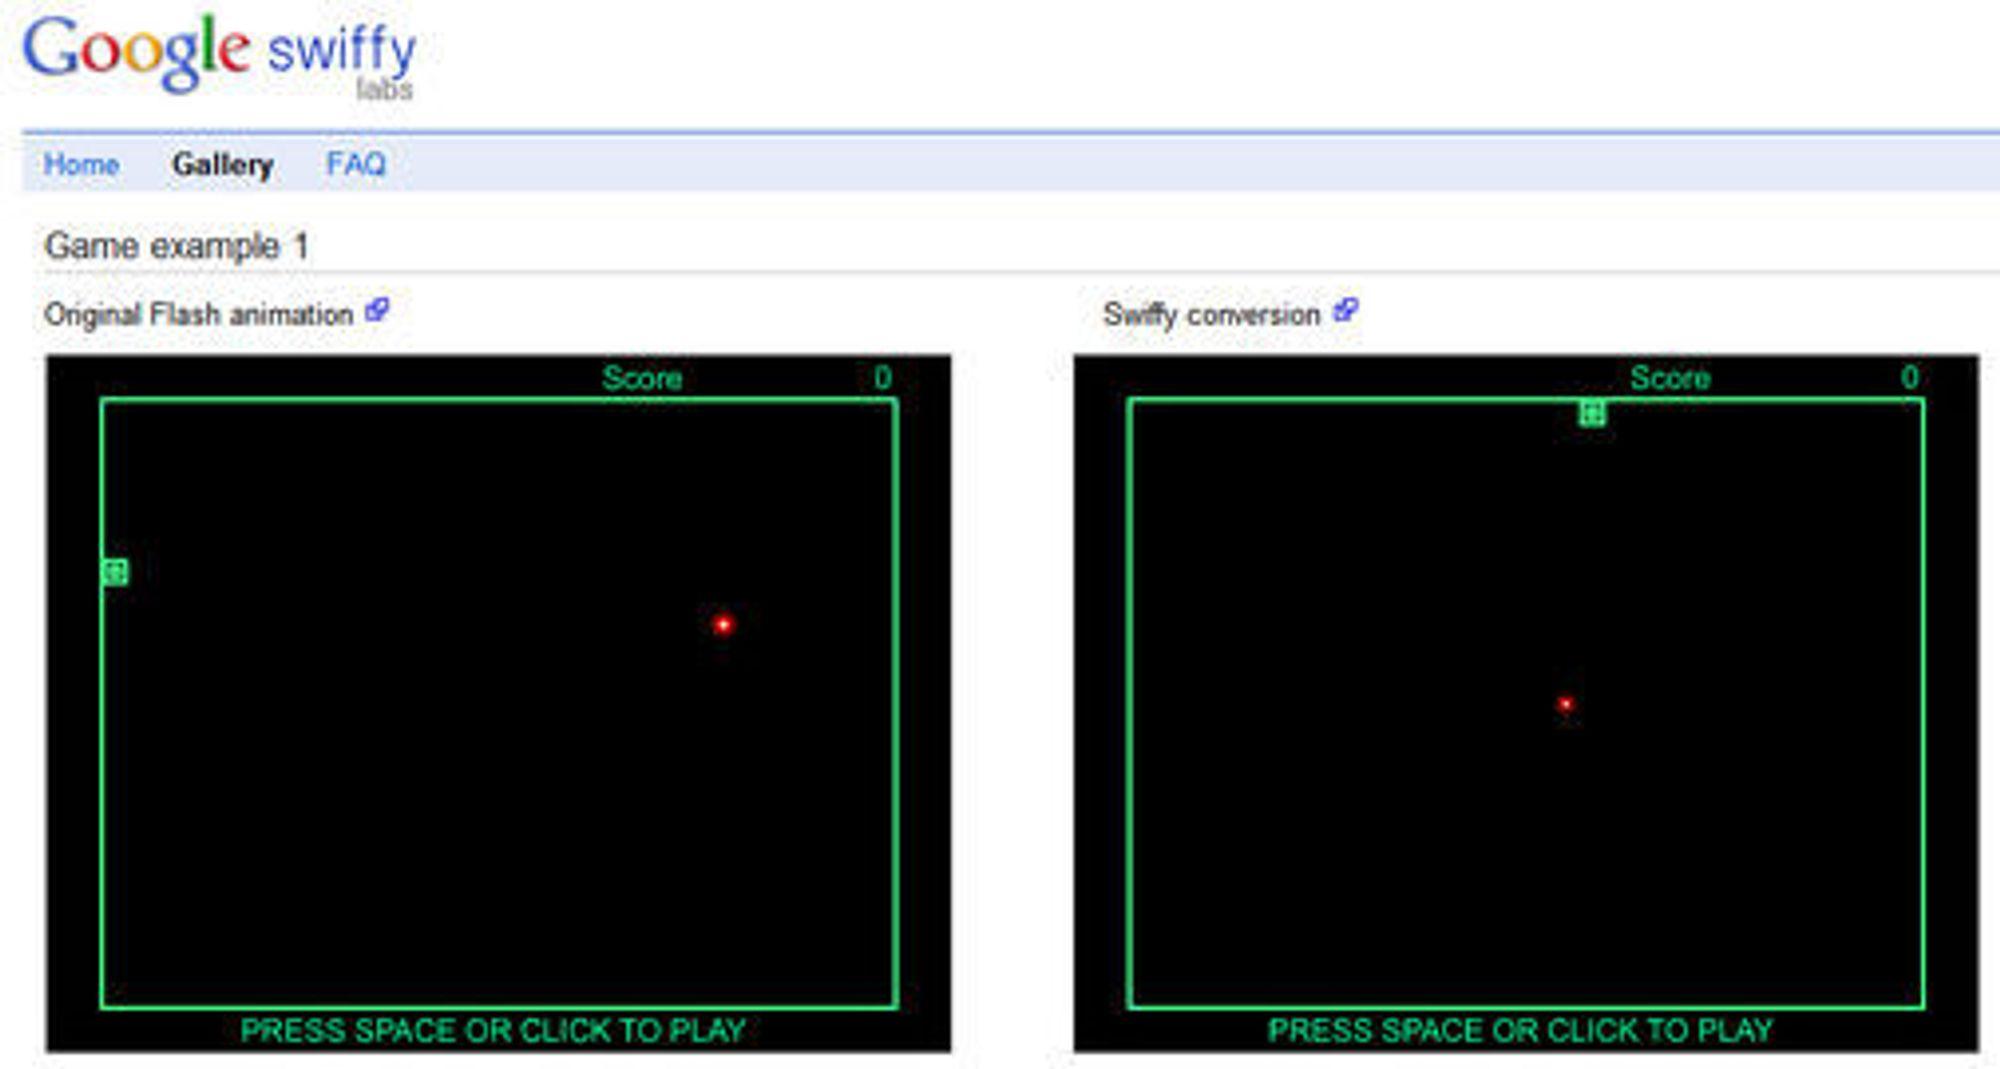 En versjon av spillet Snake vis i Google Chrome. Flash-utgaven til venstre og Swiffy-utgaven til høyre.